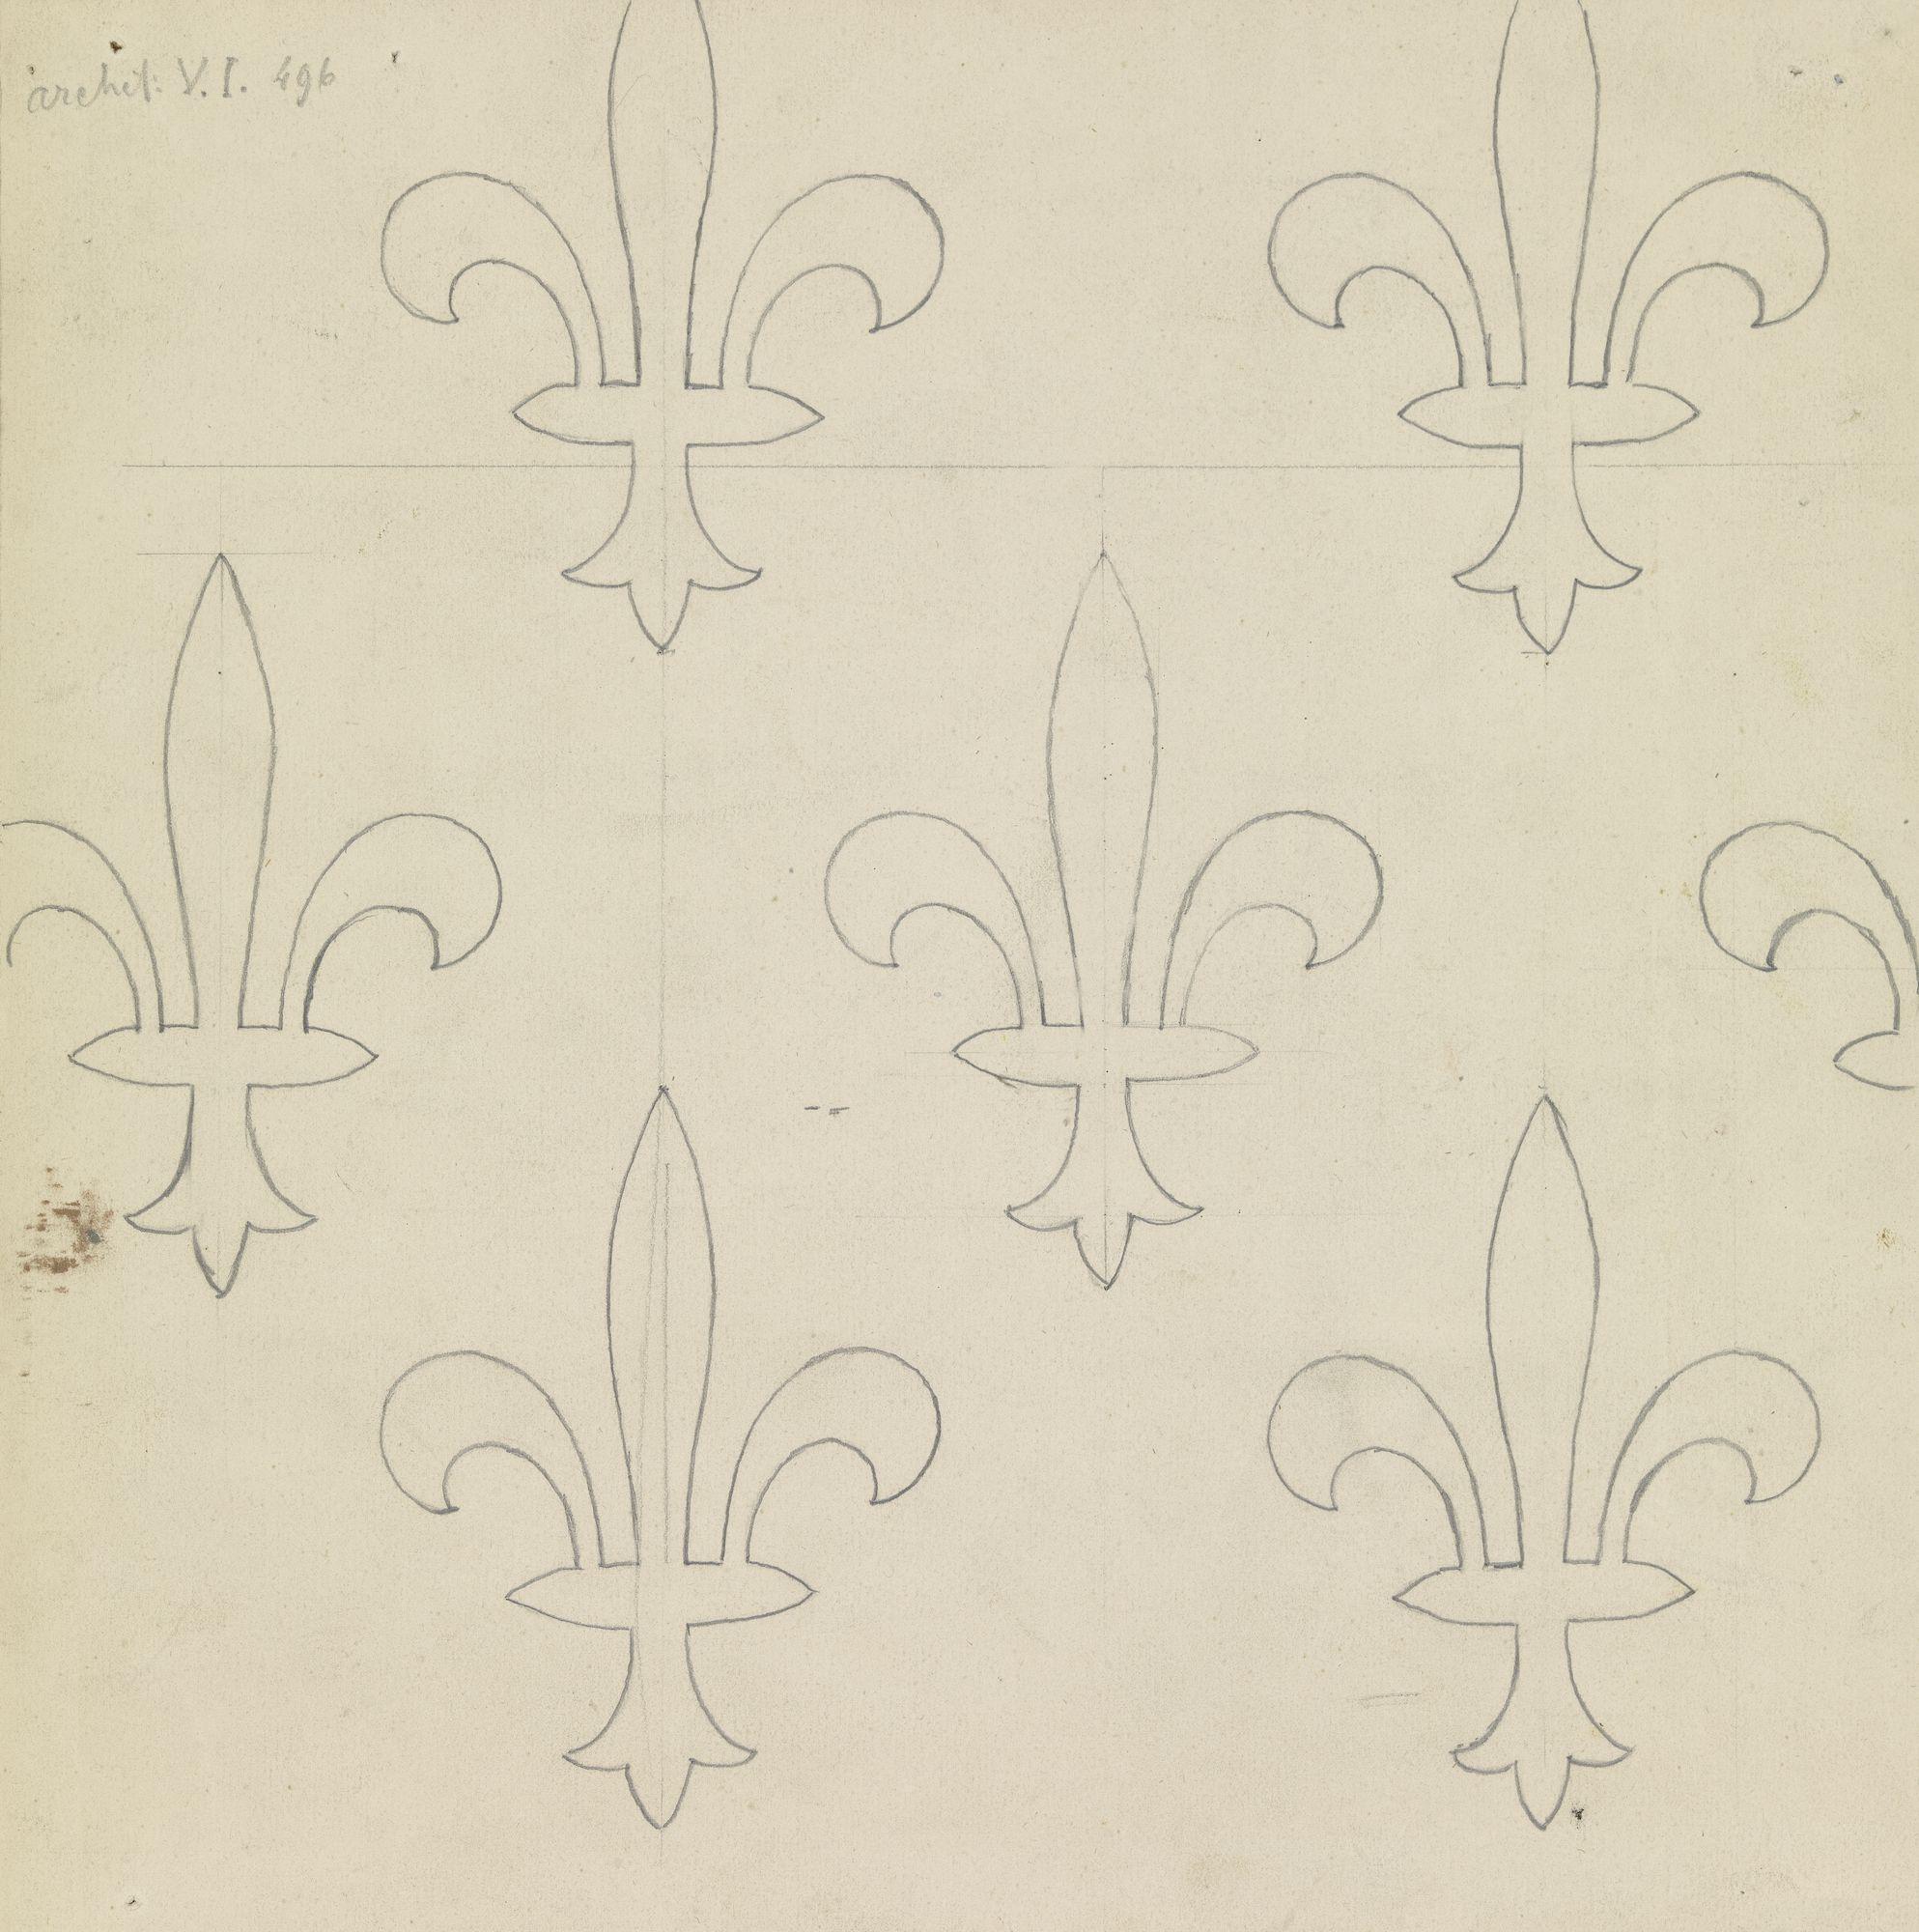 Westflandrica - ontwerp voor een feestdecoratie